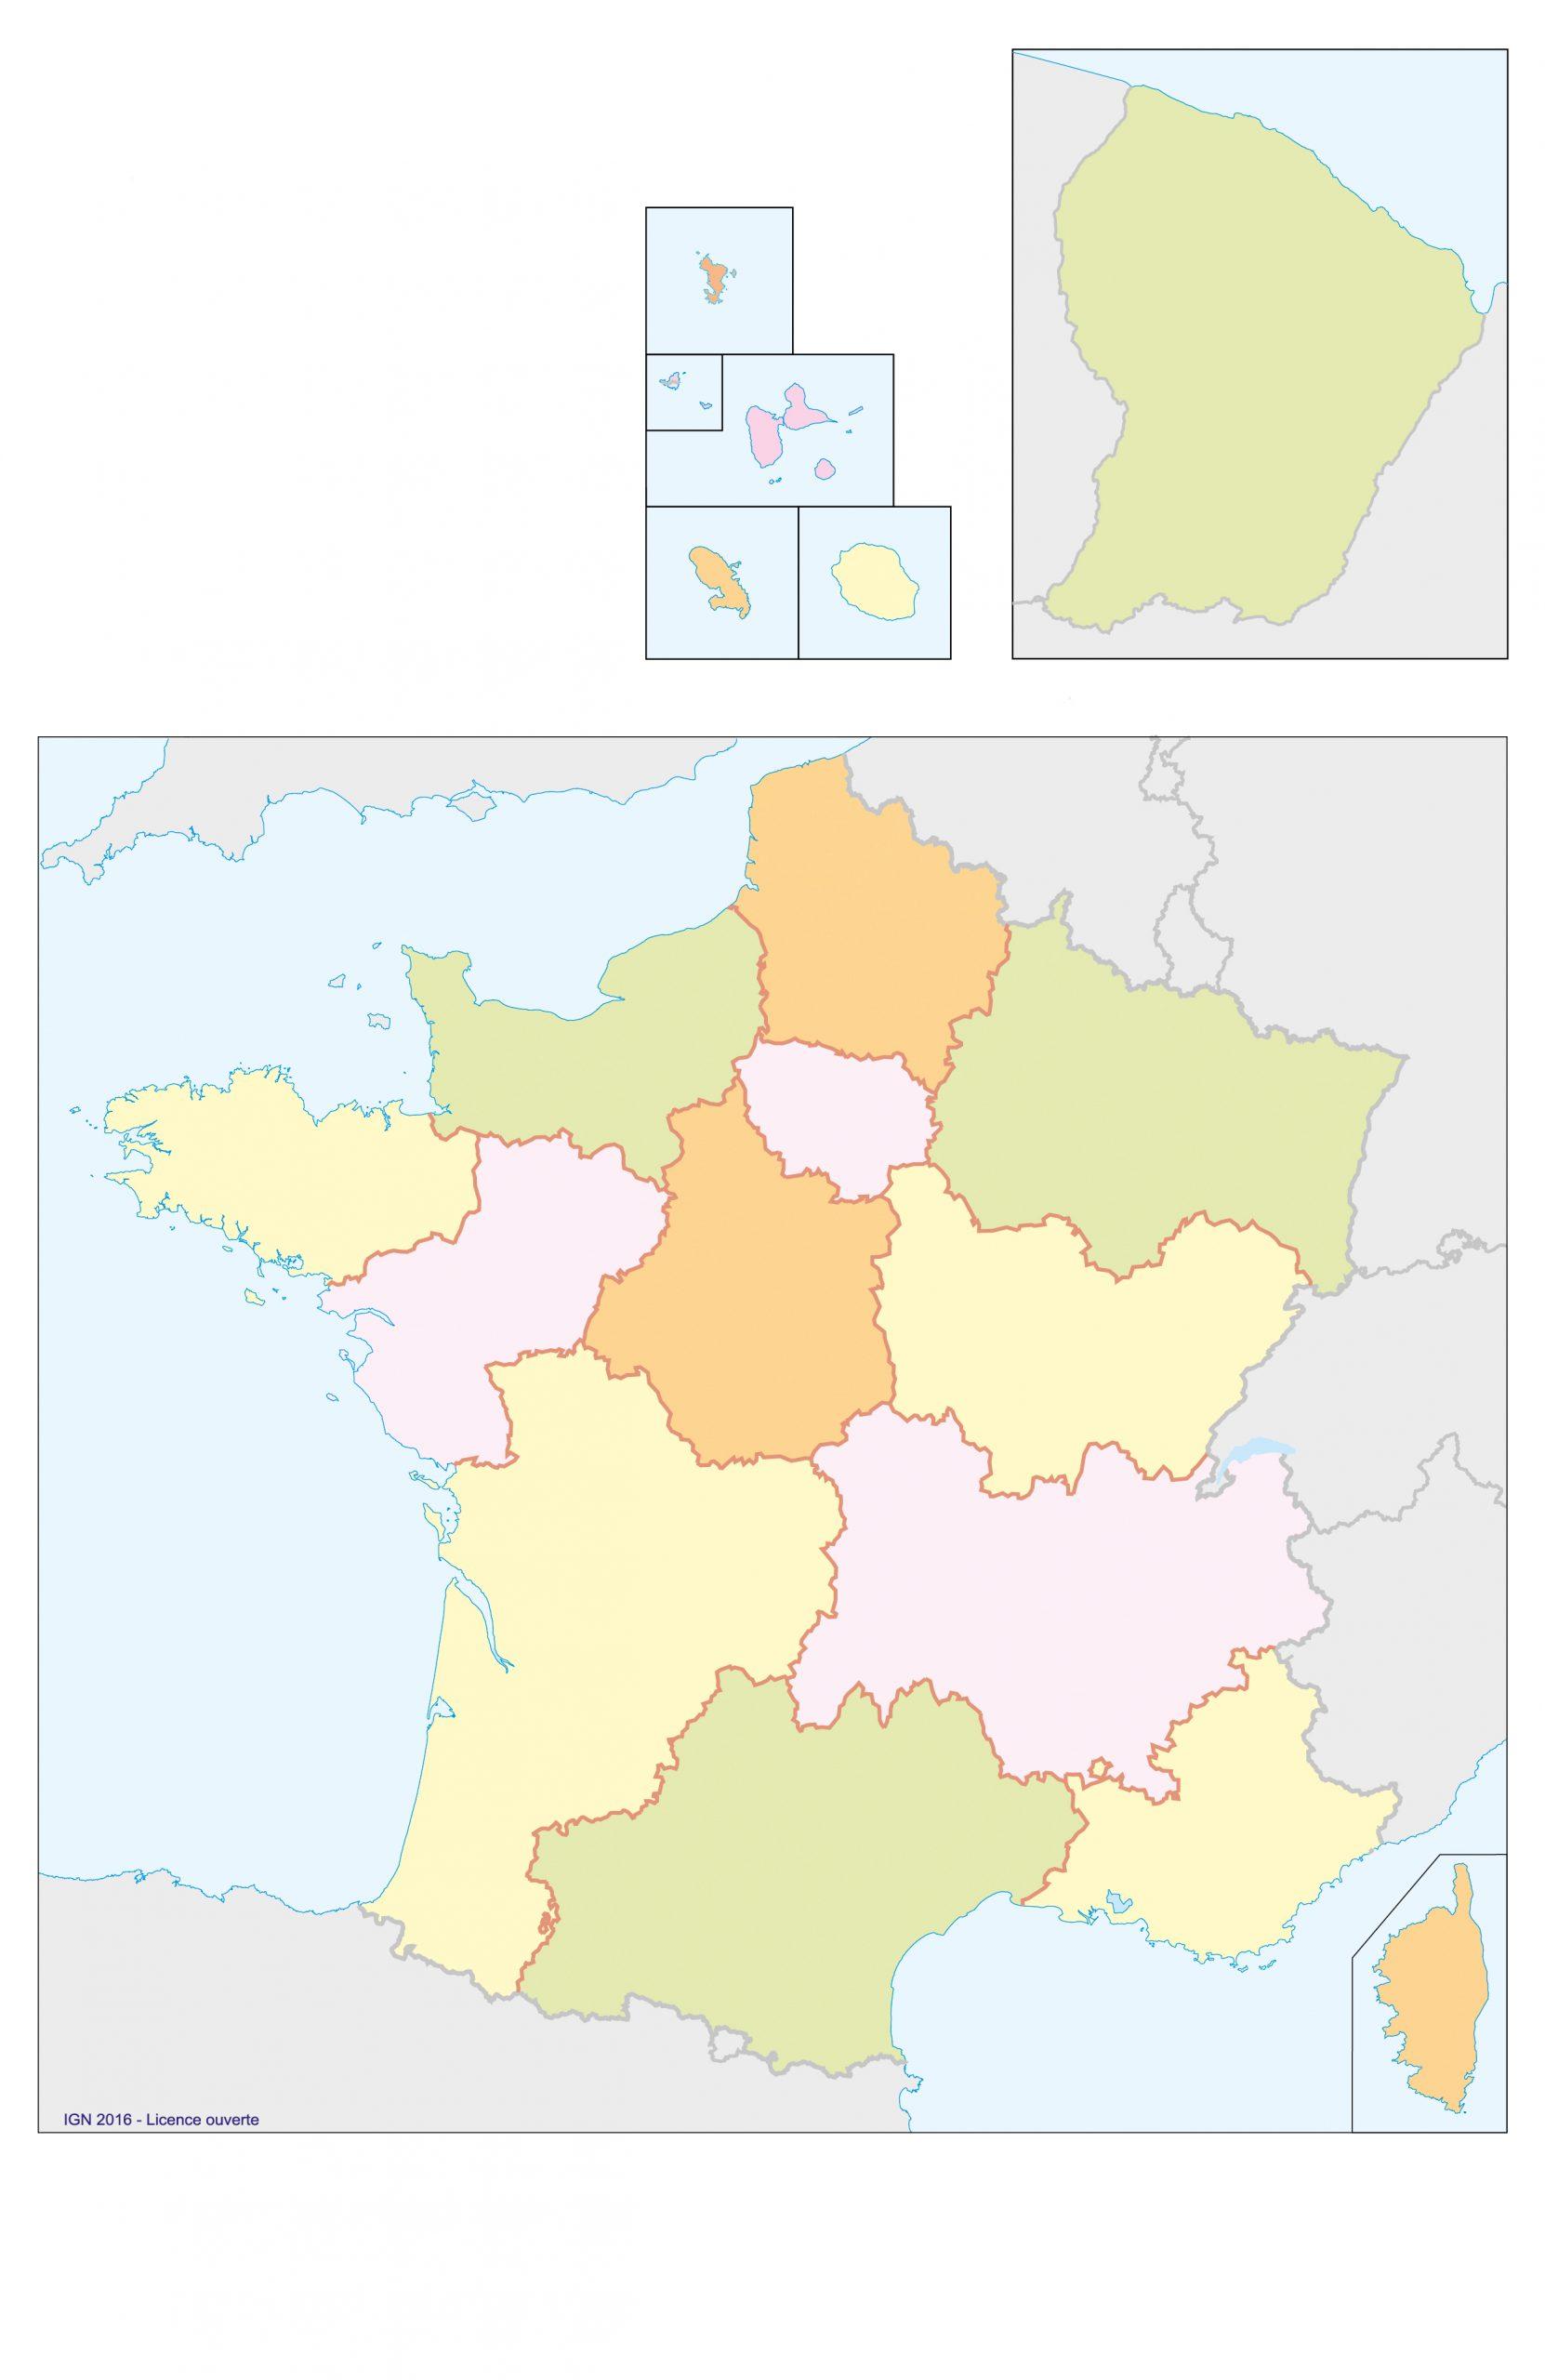 Fonds De Cartes | Éducation intérieur Carte De France Nouvelles Régions